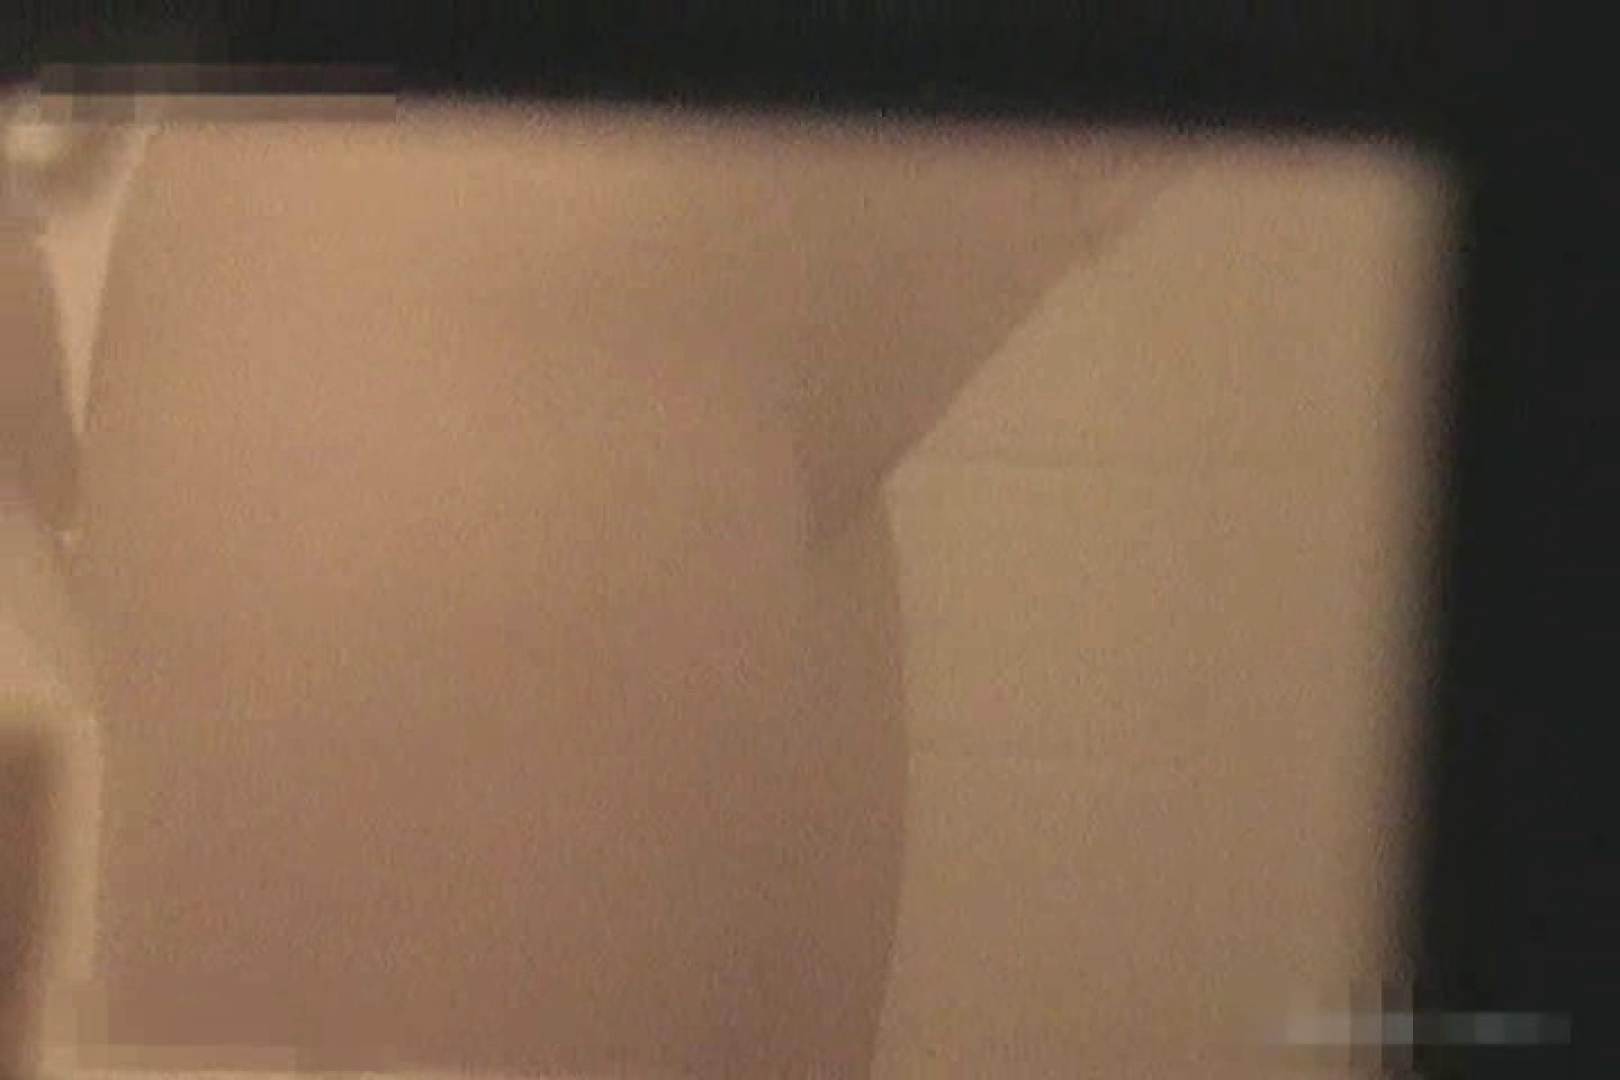 激撮ストーカー記録あなたのお宅拝見しますVol.6 オナニー オマンコ無修正動画無料 85pic 7